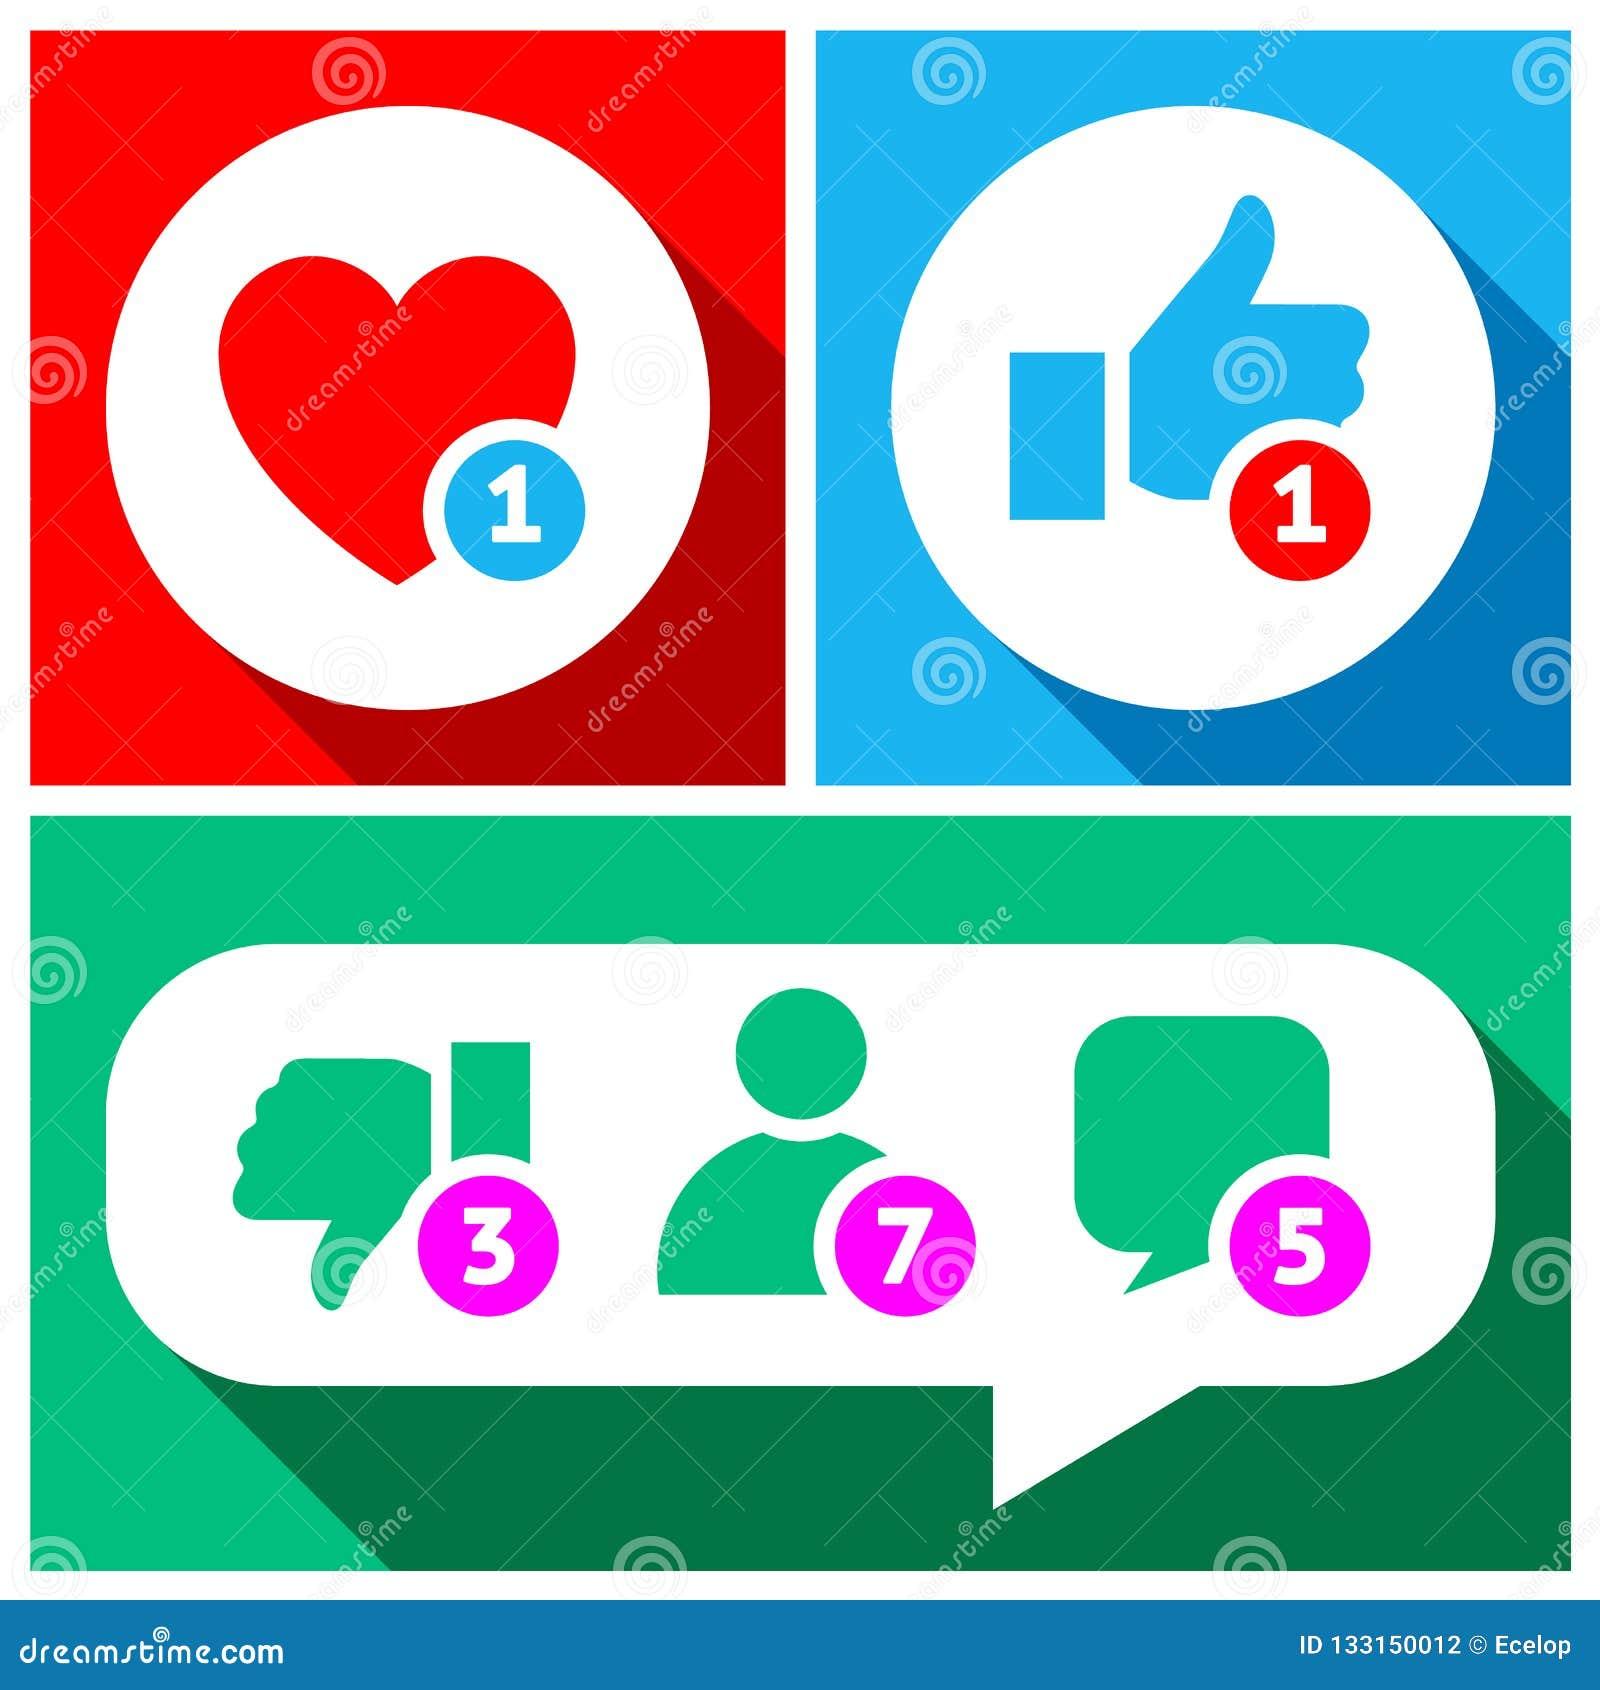 Τα απλά κουμπιά με το χρήστη ανατροφοδοτούν για κοινωνικό καθαρό